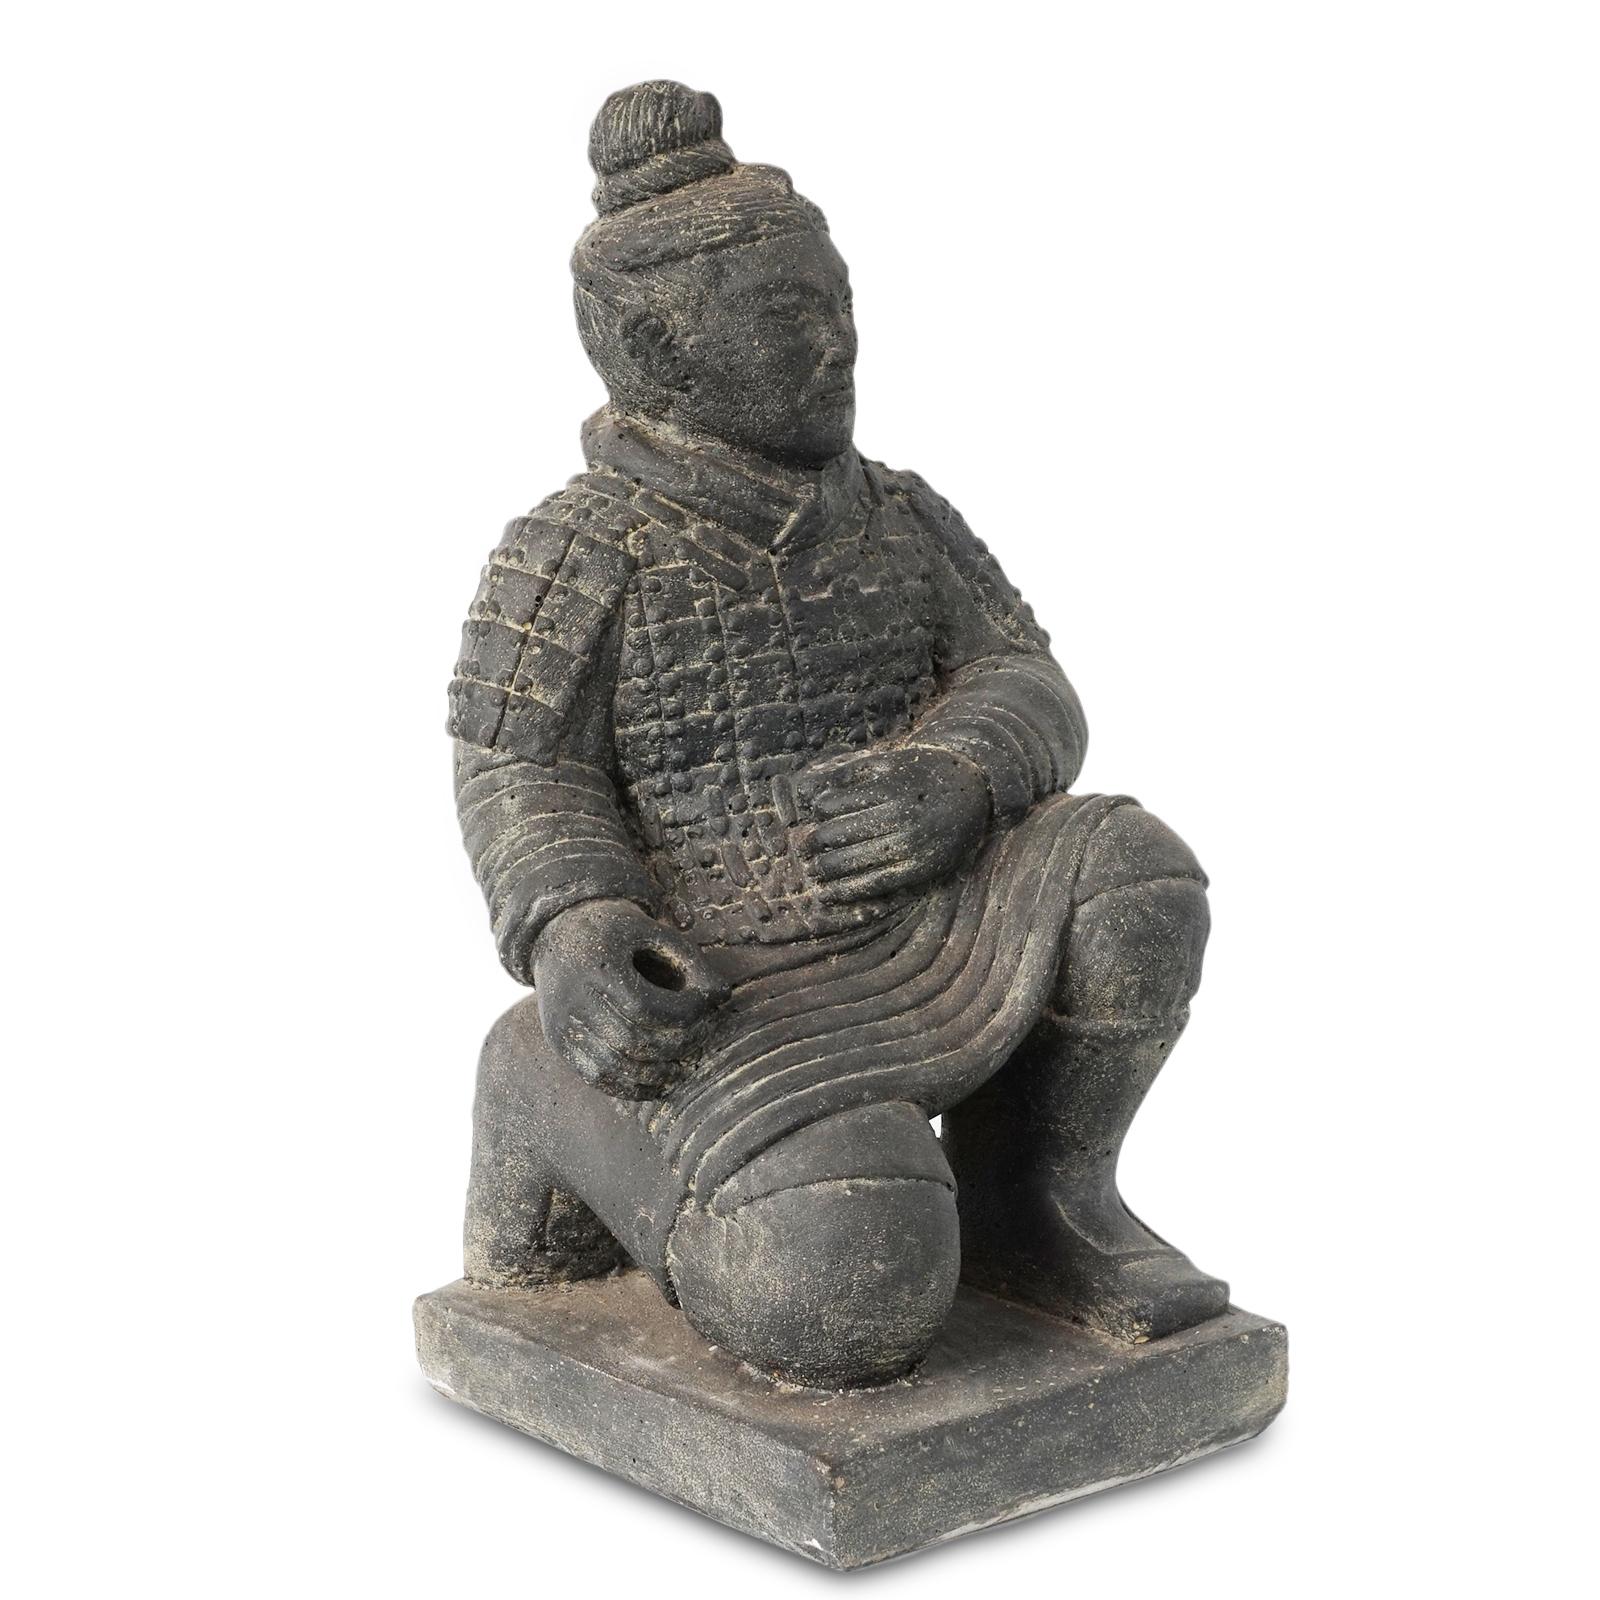 """Krieger Skulptur """"Terrakotta-Armee"""" China Soldat Figur Statue Knien Massiv Lavasand Stein-Gemisch – Bild 3"""